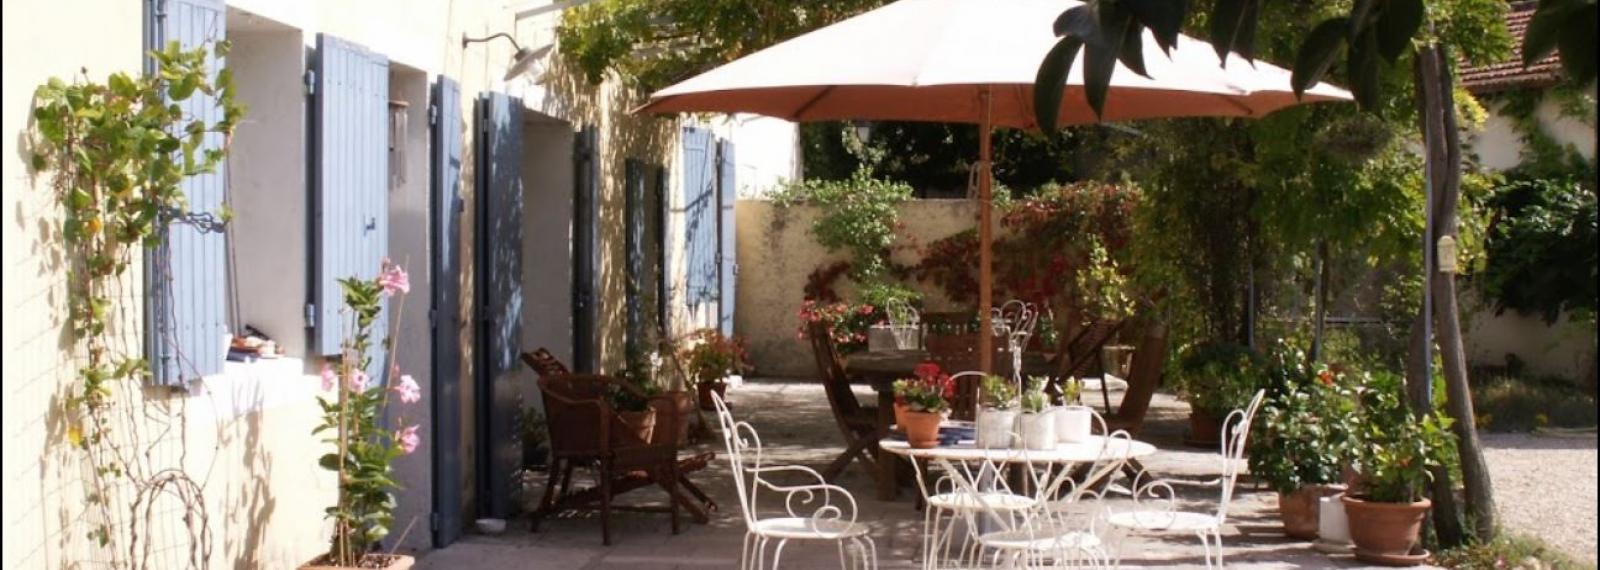 Chambres d'hôtes Au Mas de la Menouille à Saint-Rémy-de-Provence